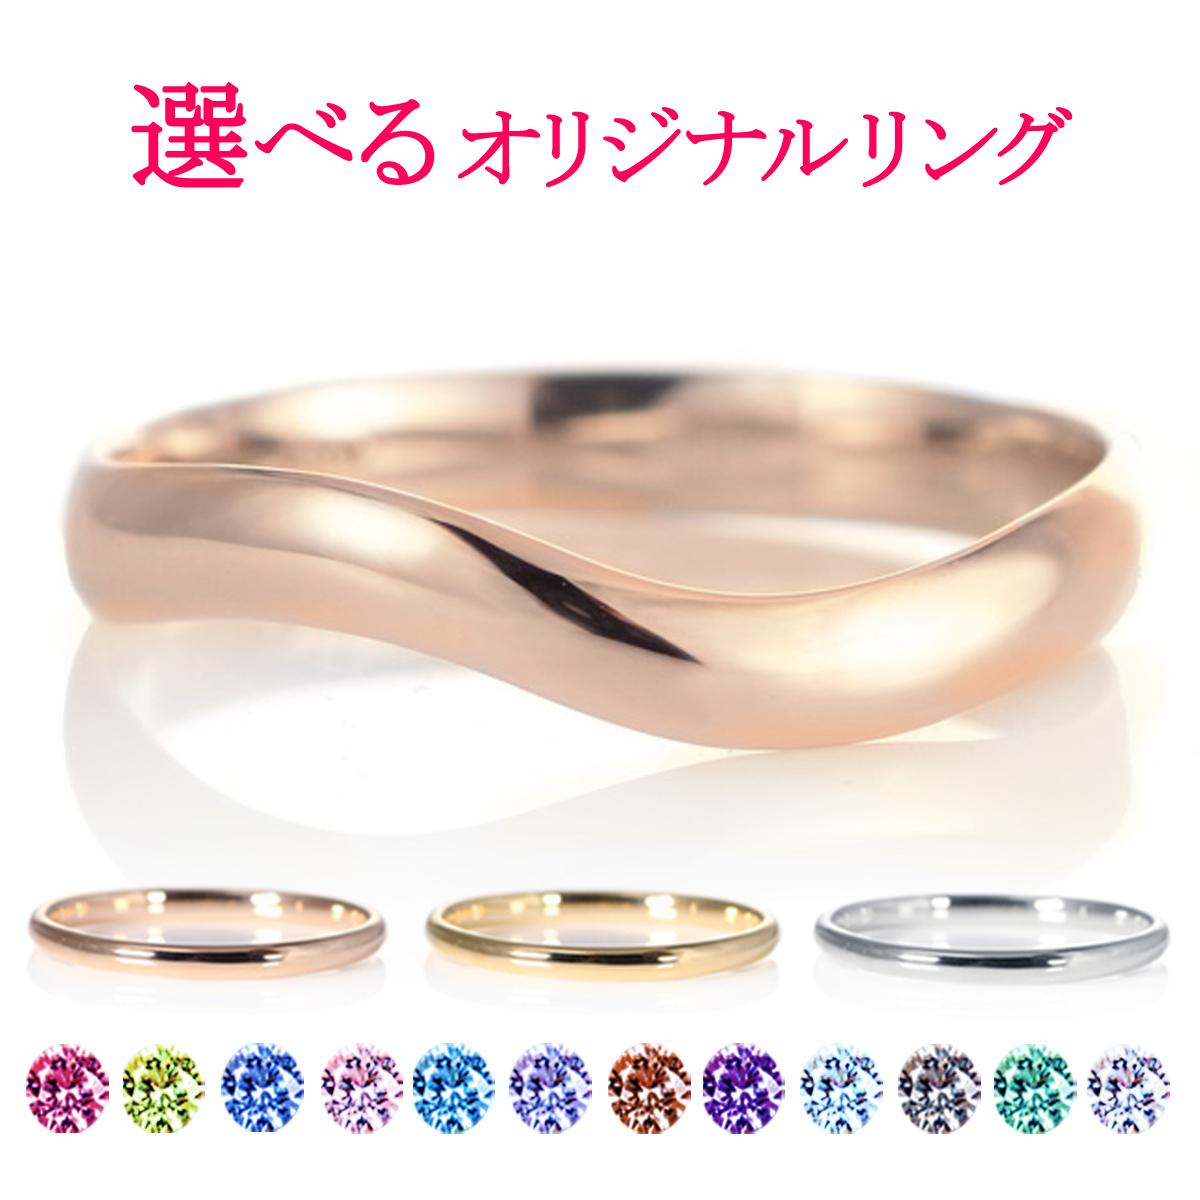 結婚指輪 マリッジリング 18金 ピンクゴールド 甲丸 ウエーブ レディース